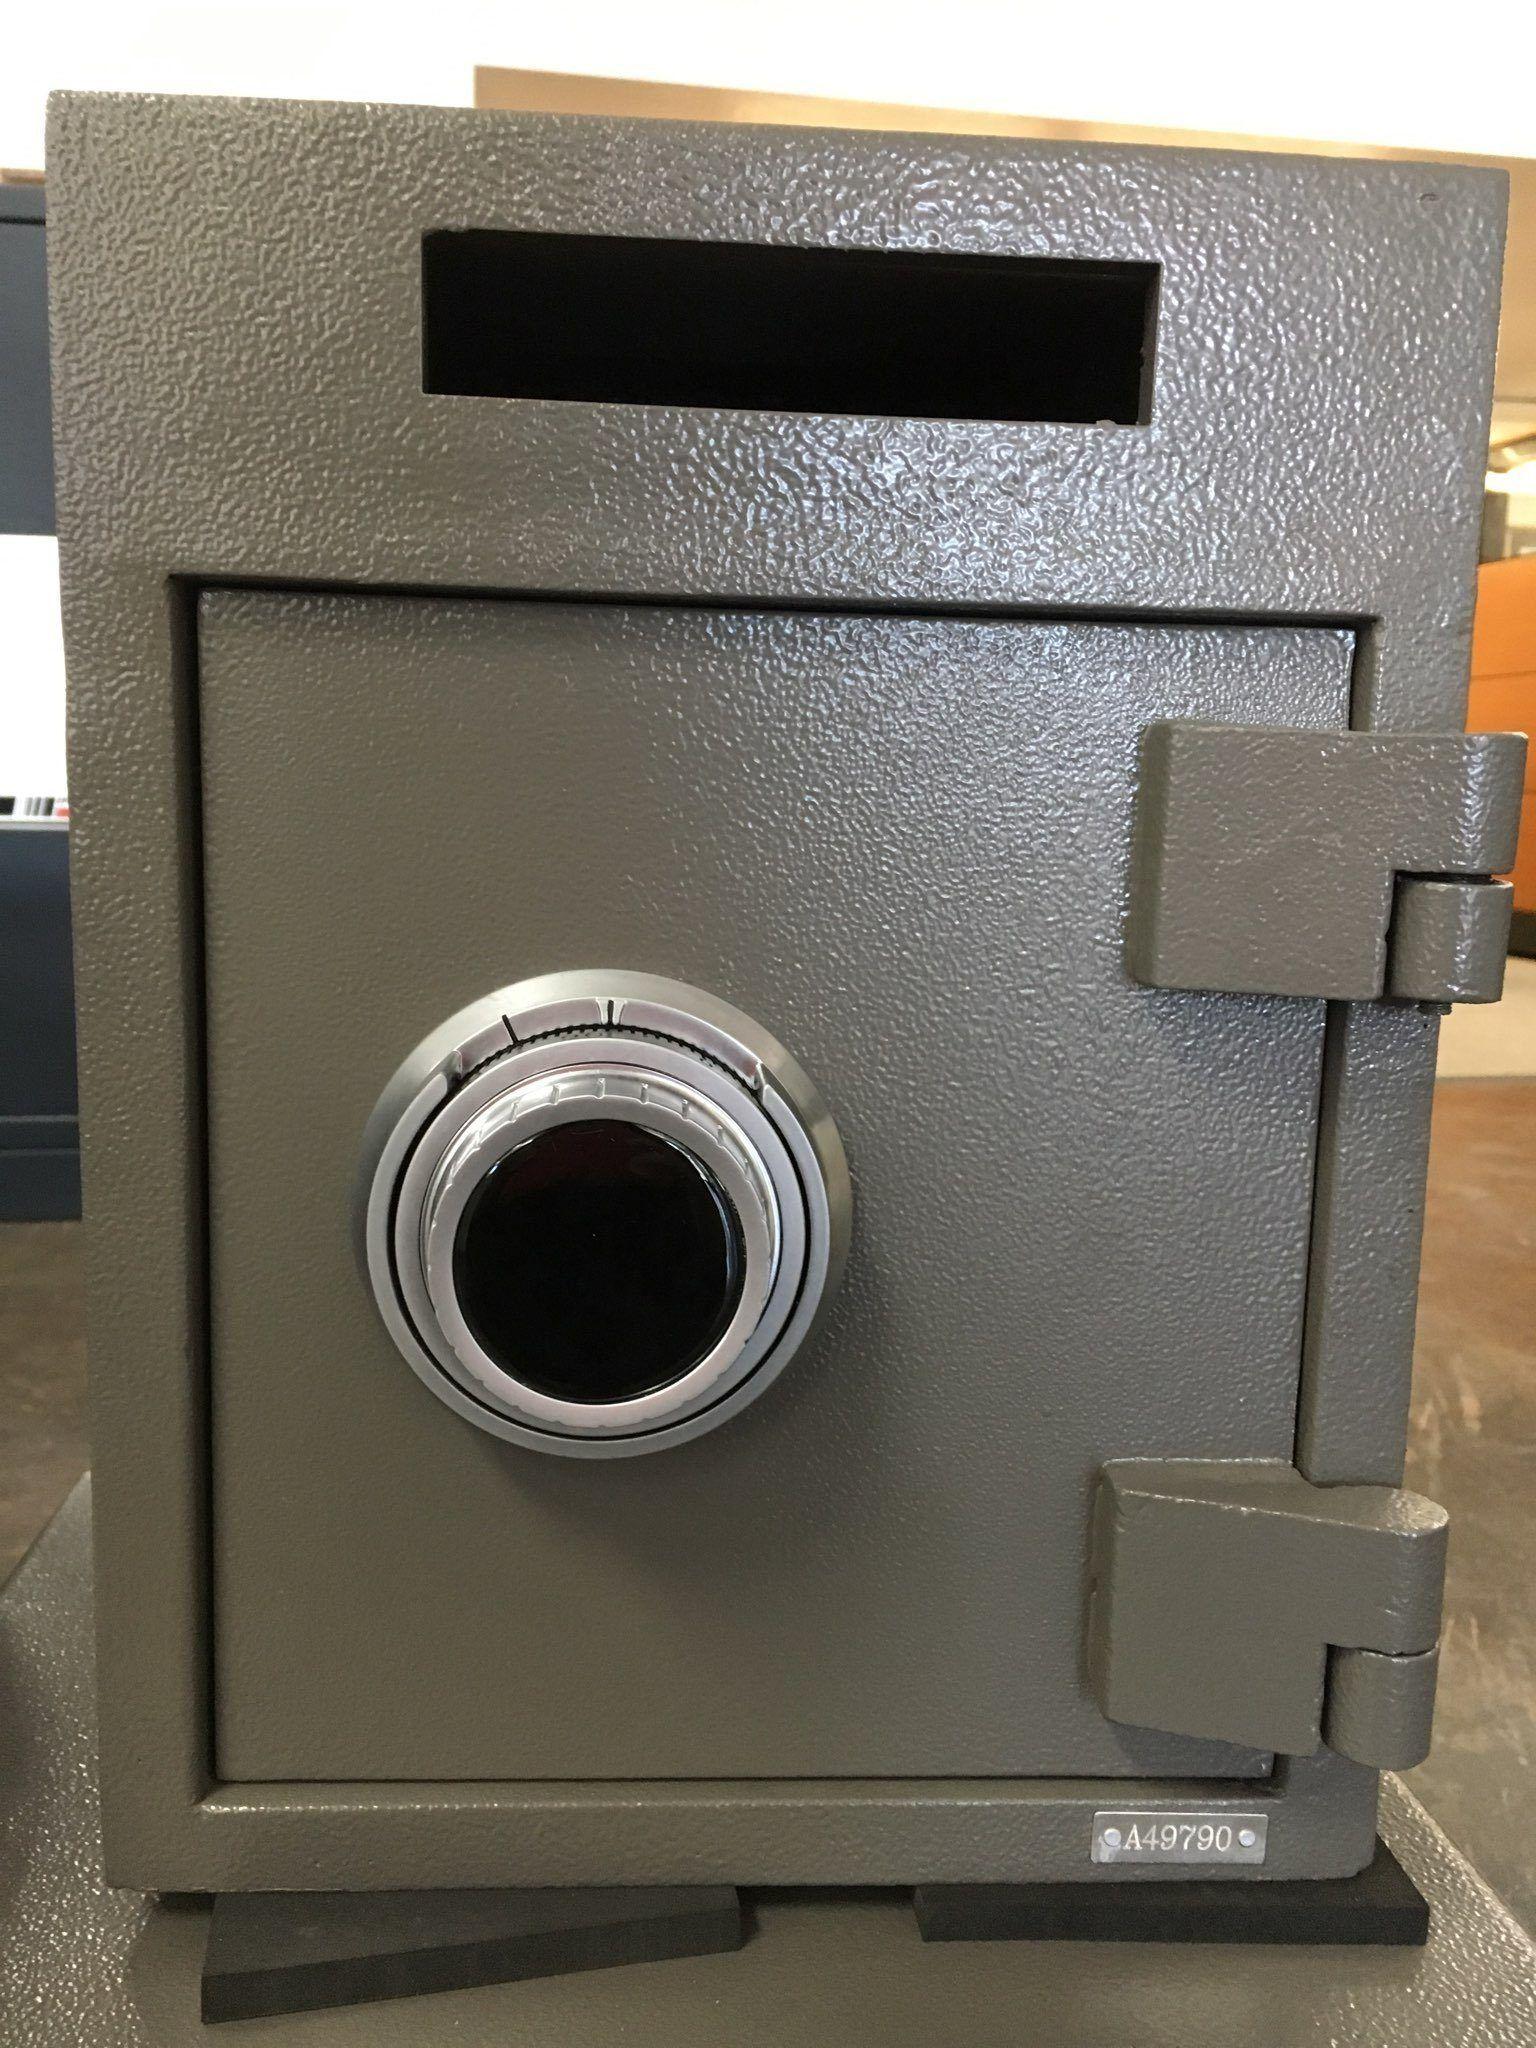 SafeandVaultStore F1310S Cash Management Utility Chest